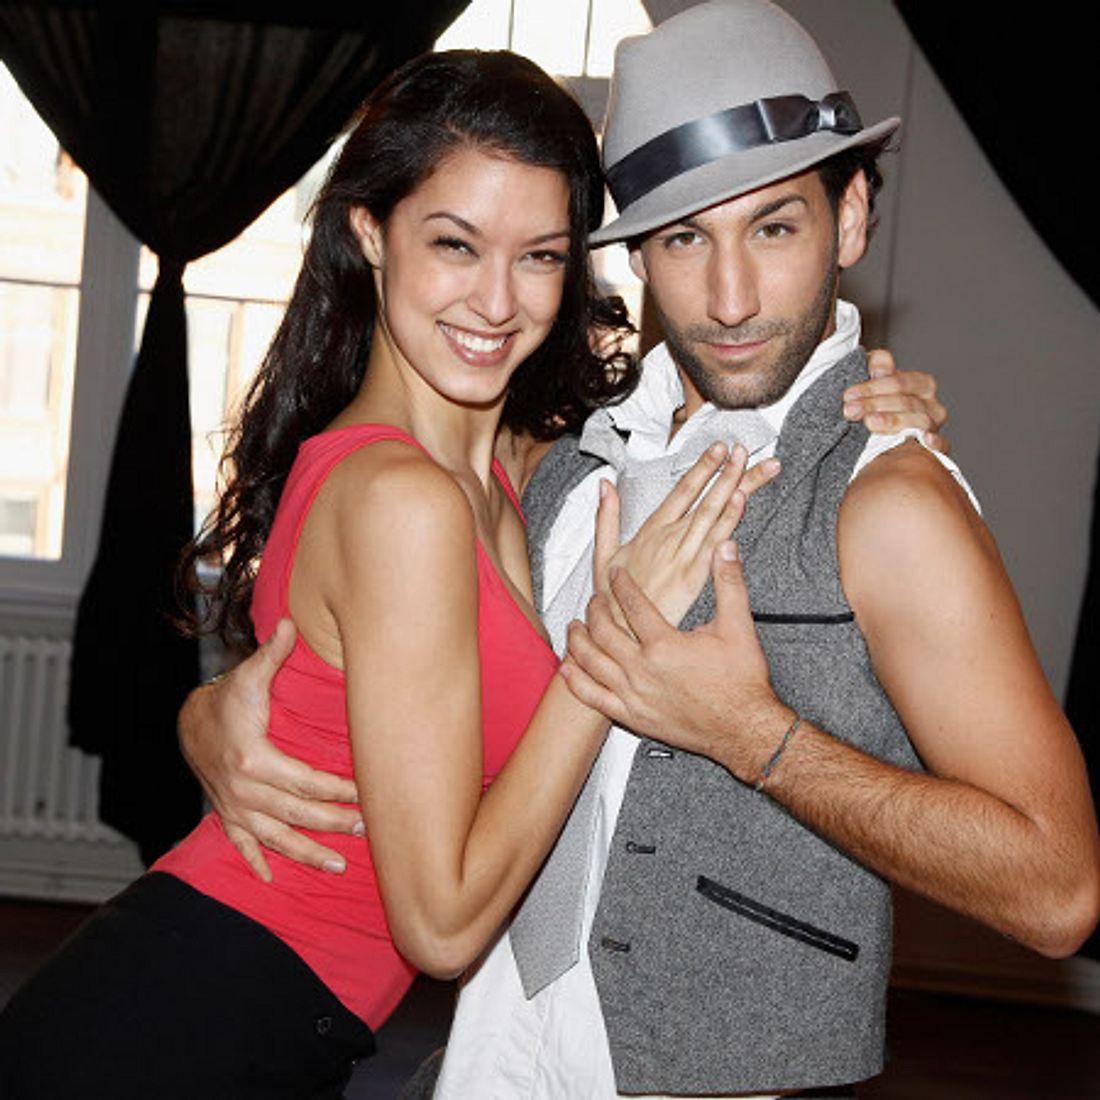 Für das Model lässt sich der Tänzer von seiner Ehefrau scheiden